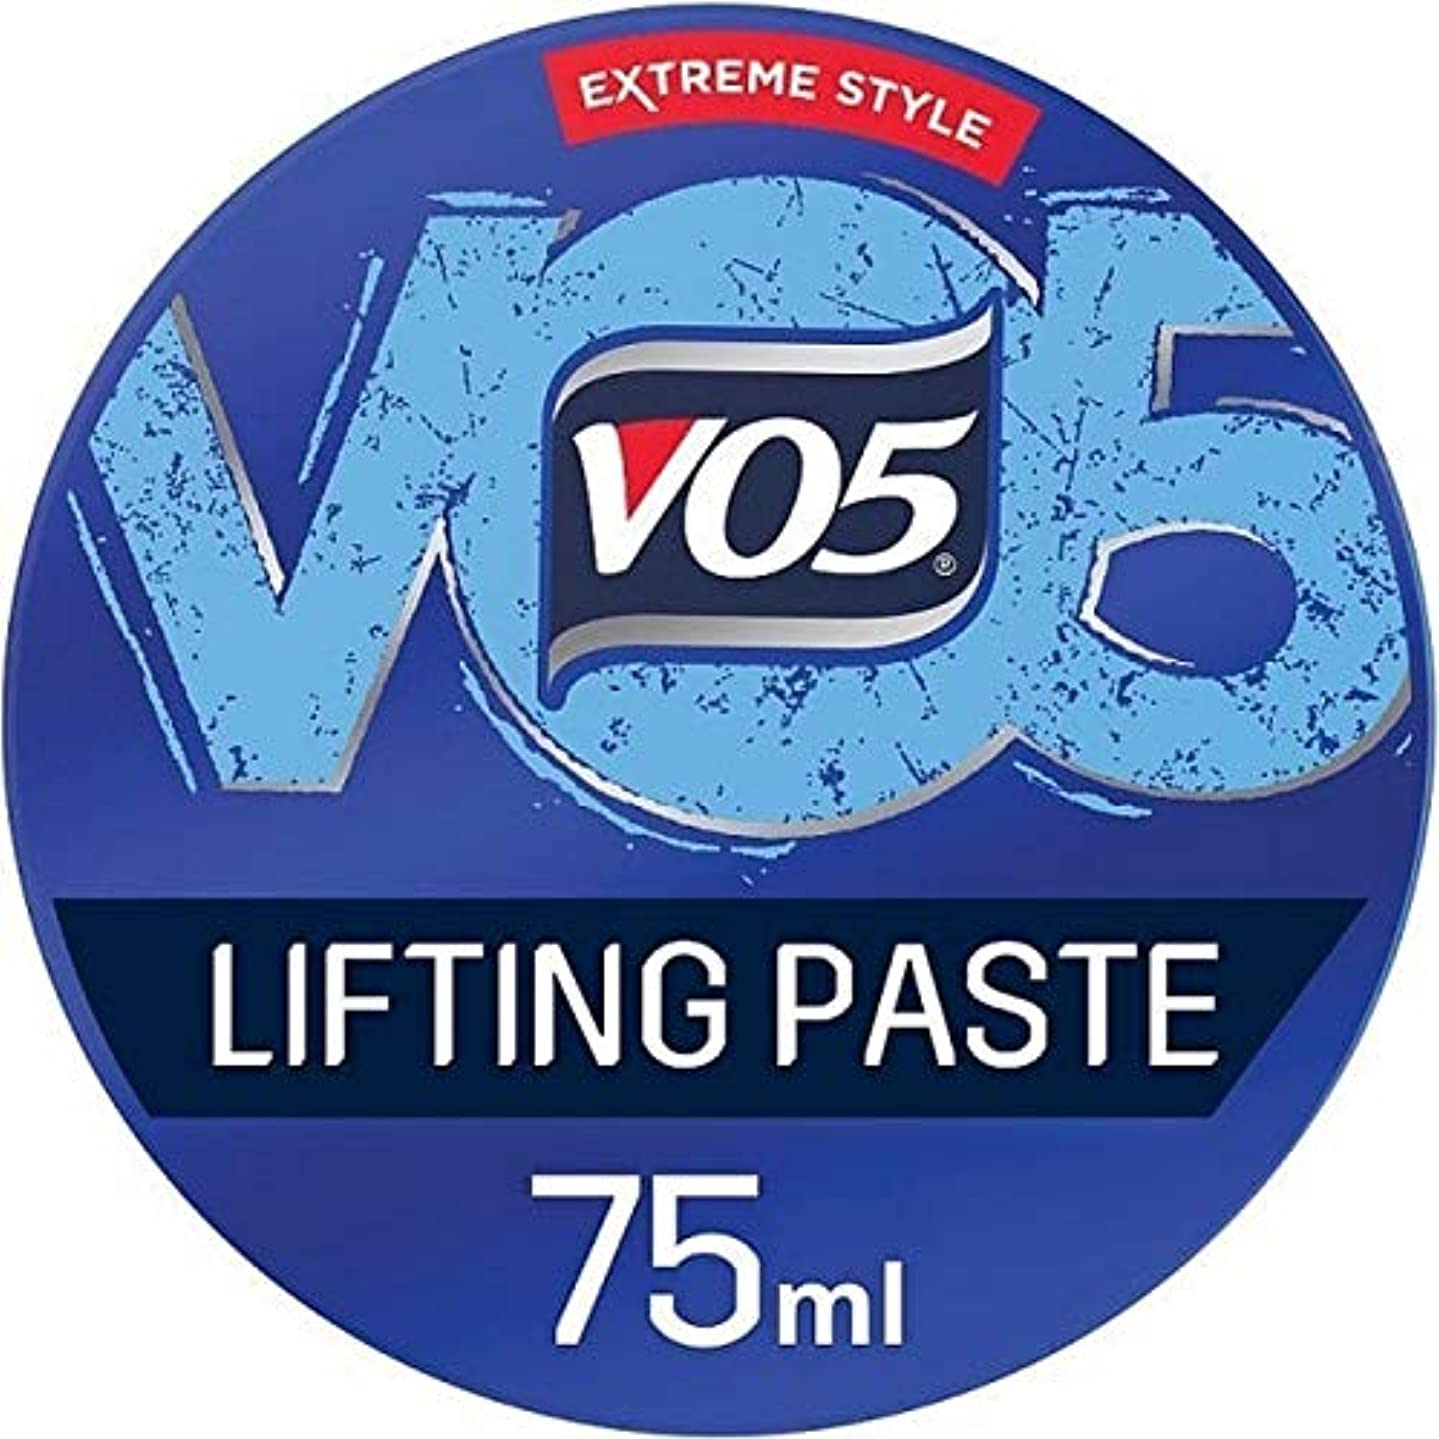 問い合わせるビジュアルトランペット[VO5] Vo5極端なスタイルリフティングペースト75ミリリットル - VO5 Extreme Style Lifting Paste 75ml [並行輸入品]